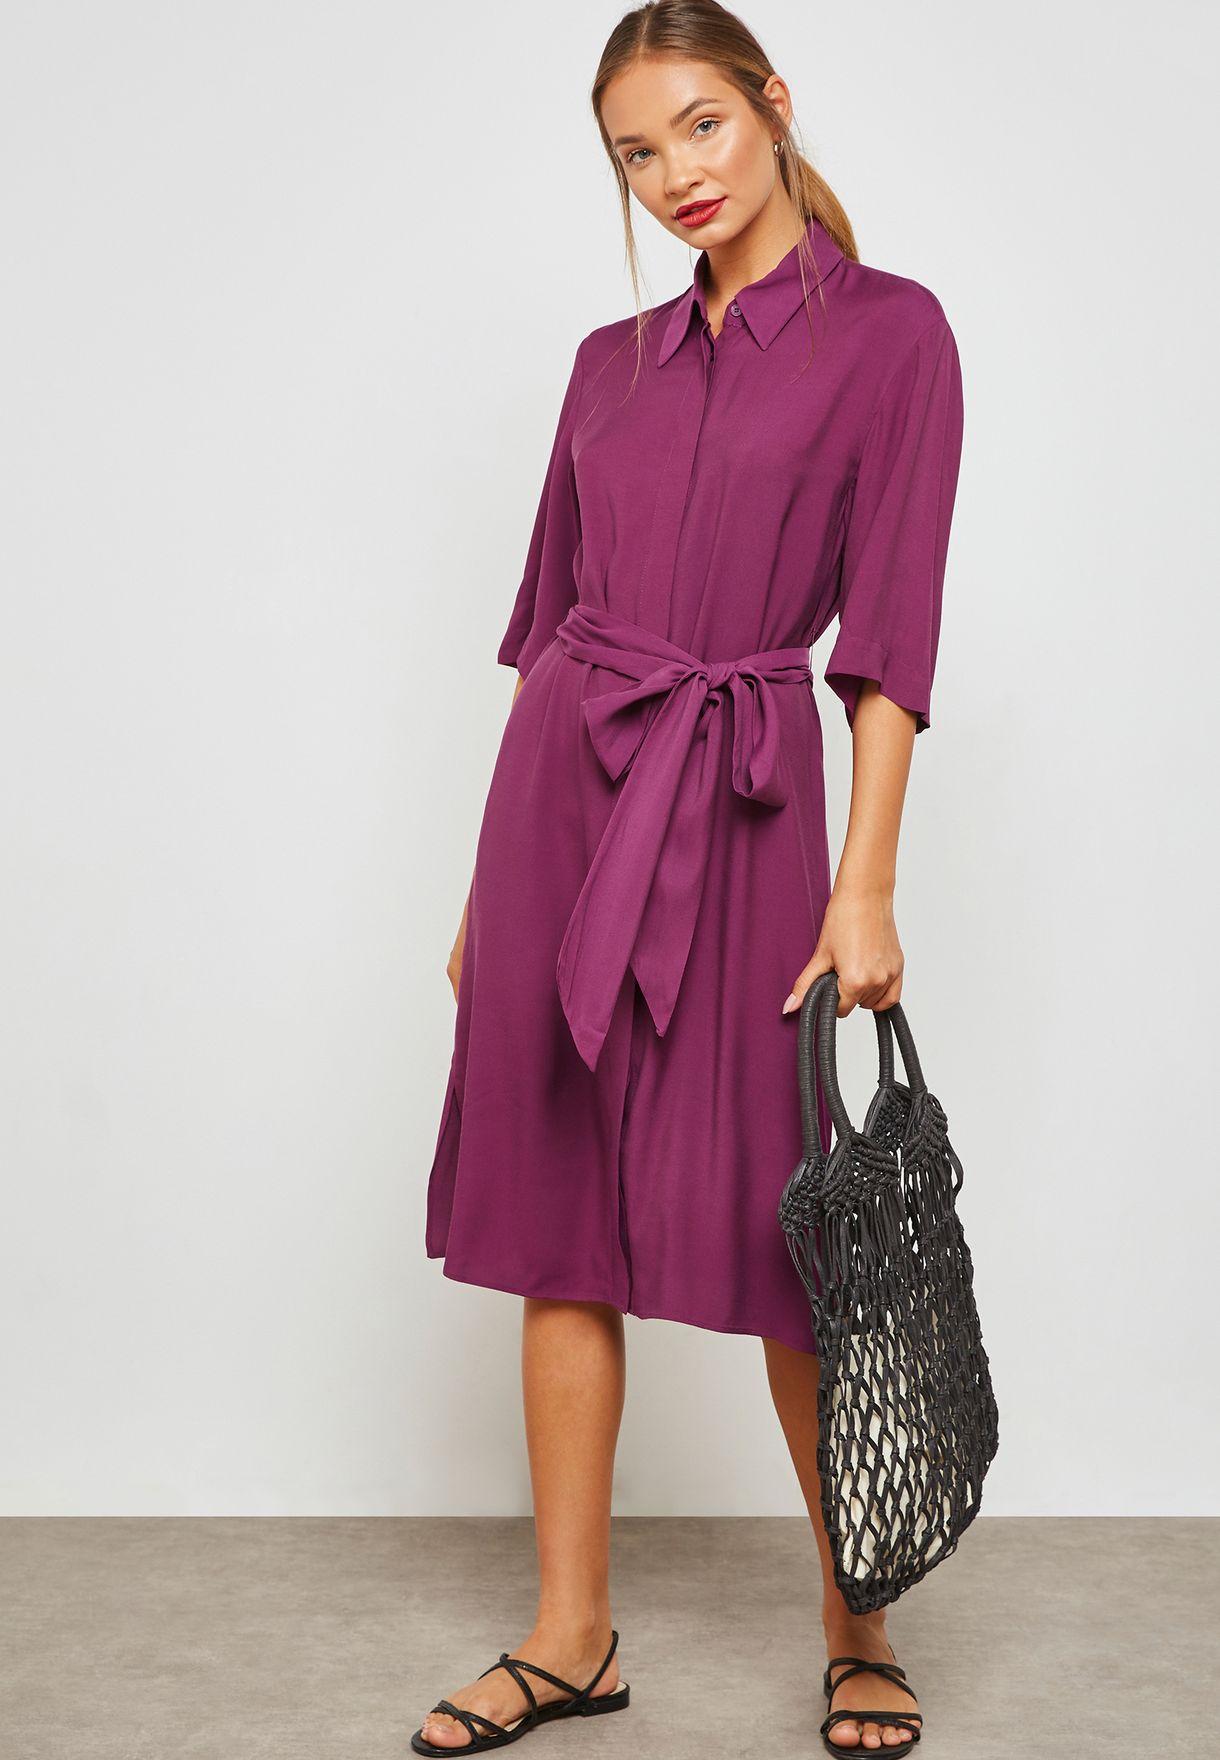 a9963bd66c34f Shop Mango purple Tie Waist Shirt Dress 31080986 for Women in UAE ...